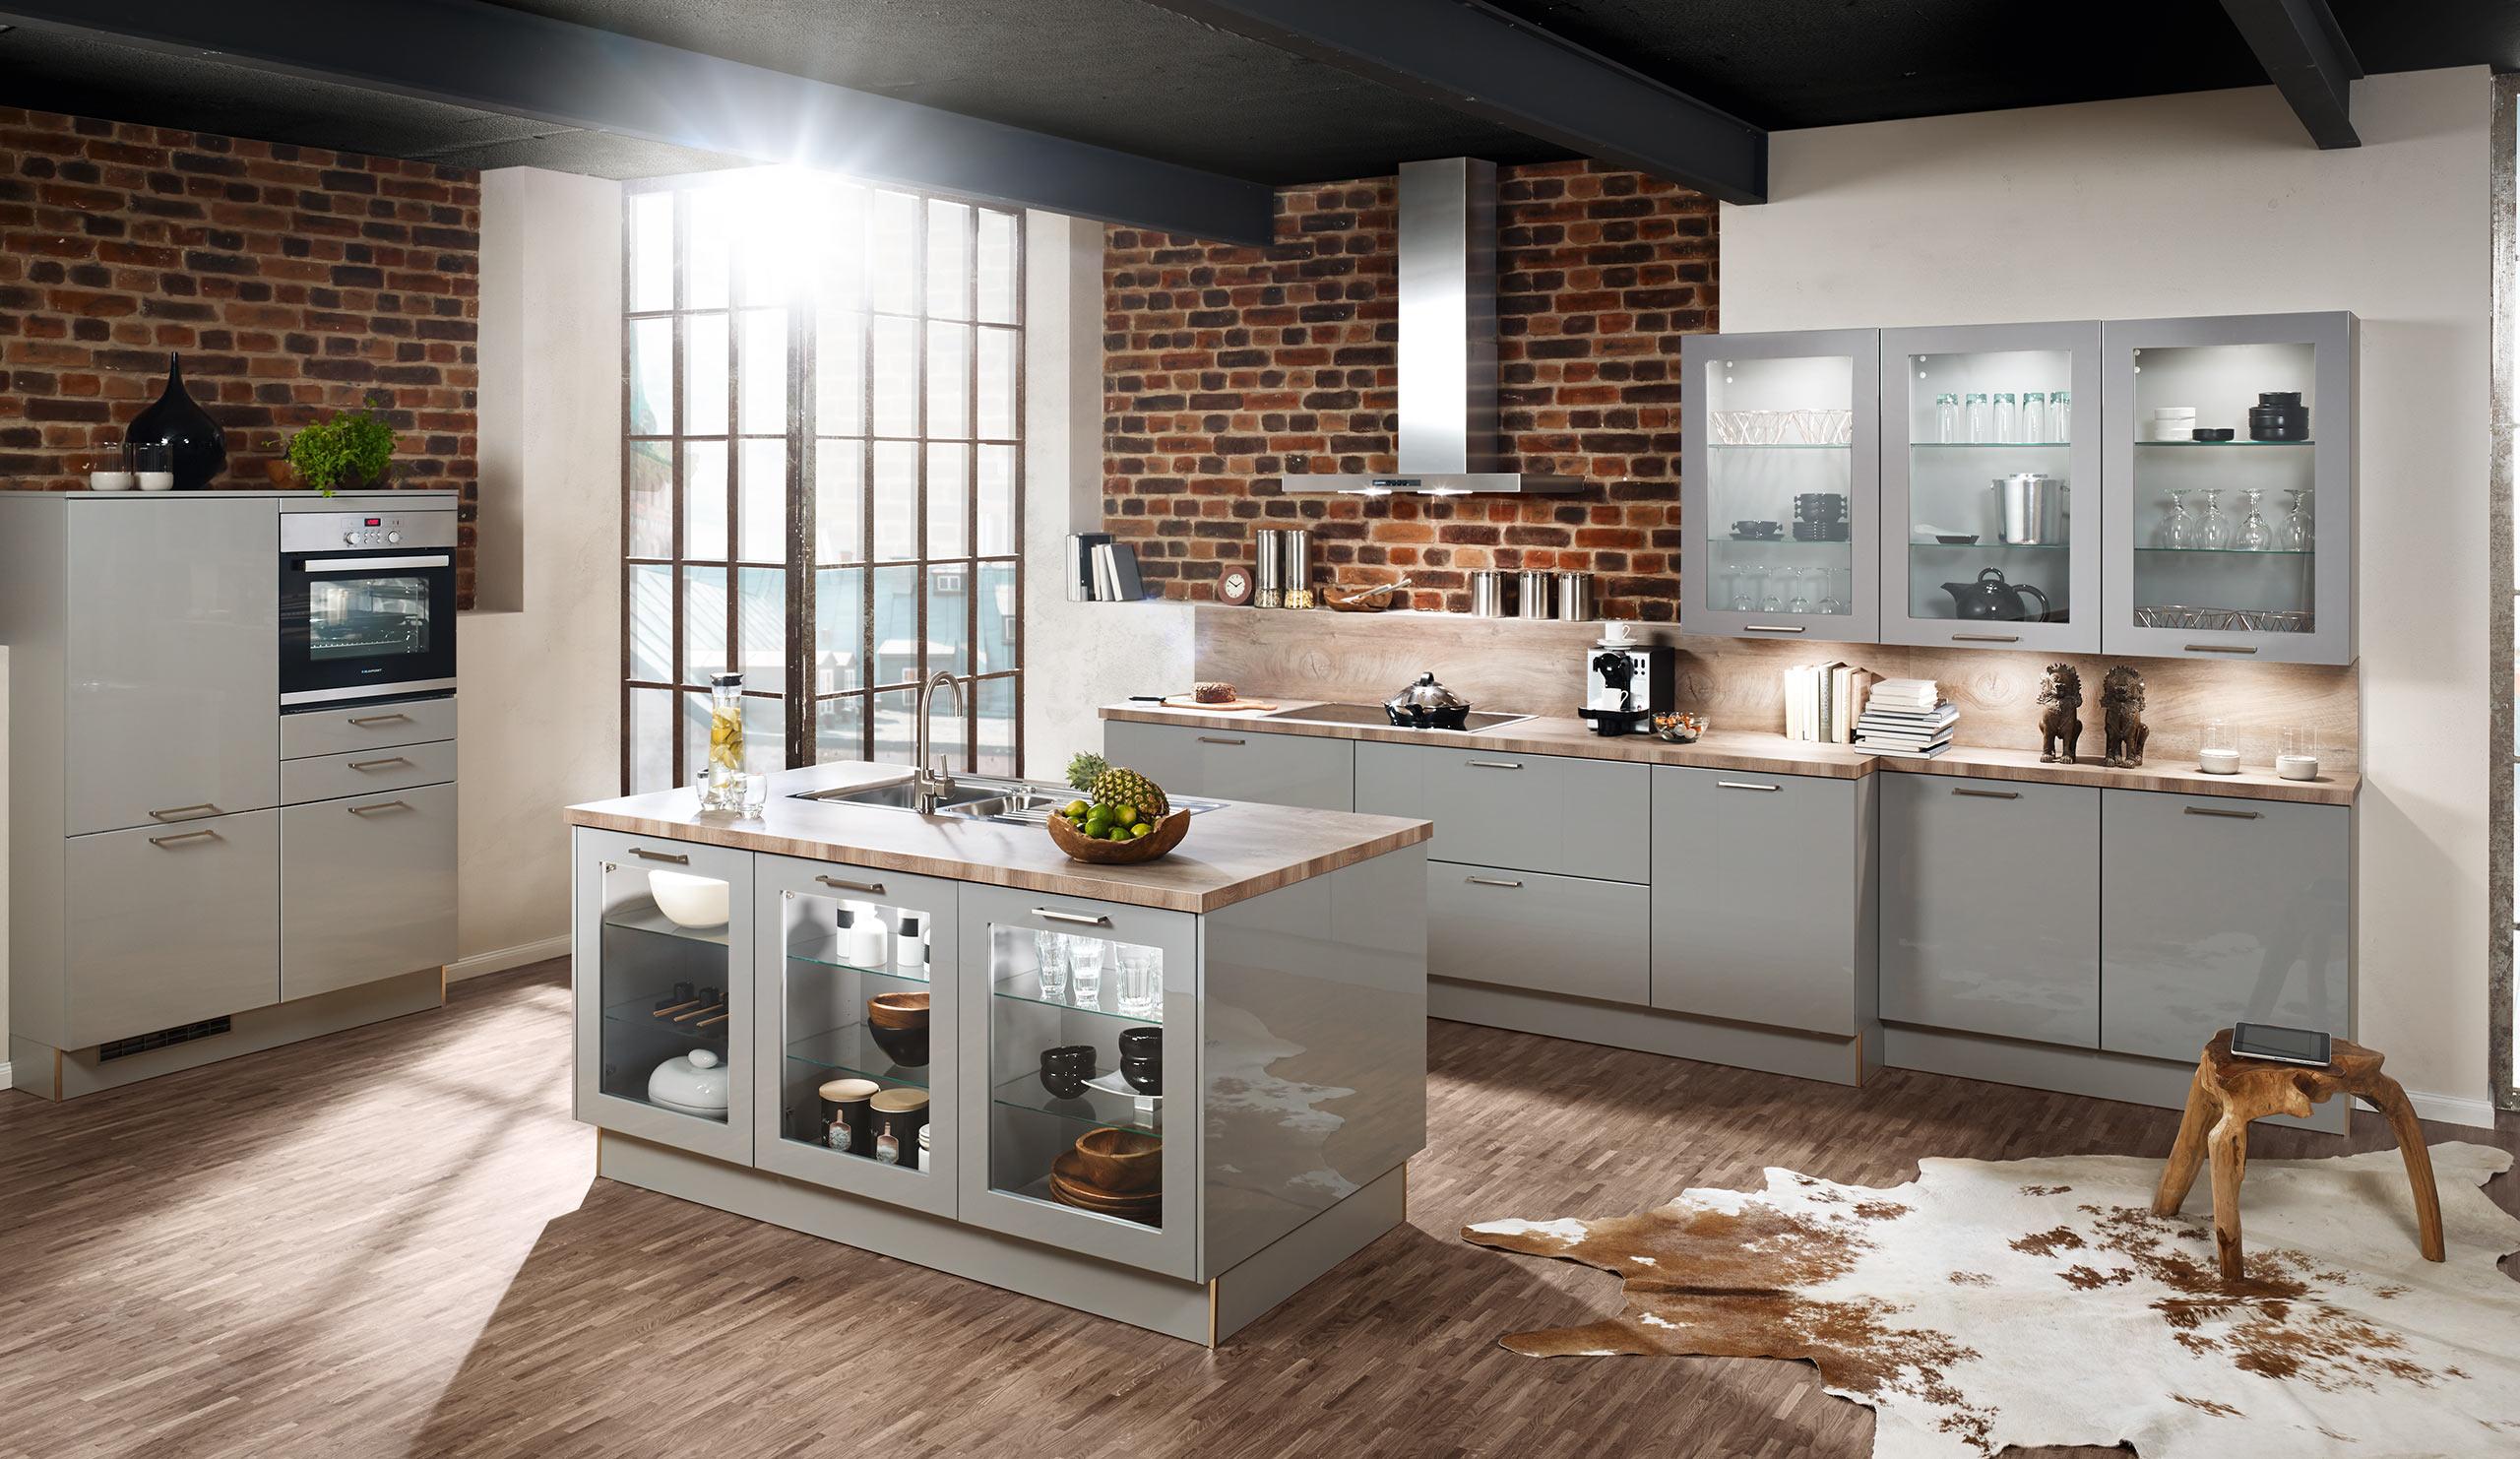 Küchenquelle Küchen 19  Test, Preise, Qualität, Musterküchen